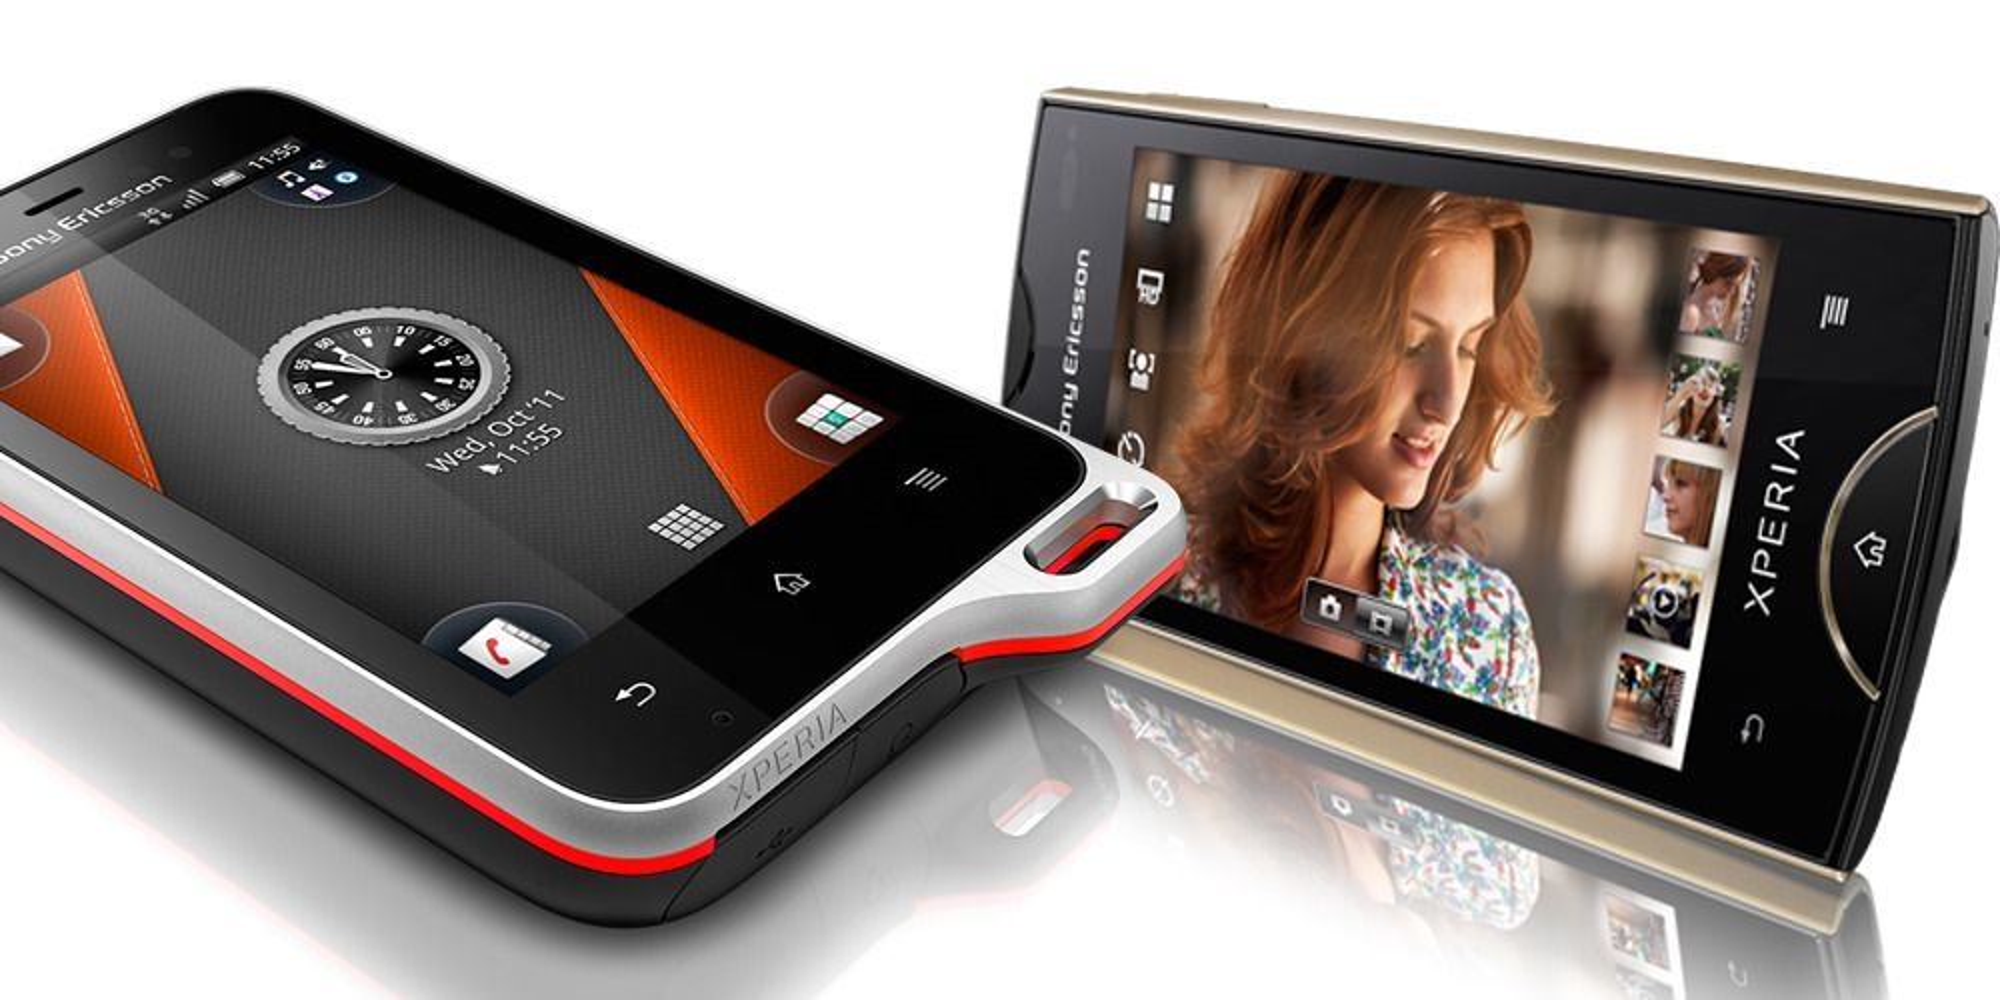 Sony Ericsson lanserer to nye Android-telefoner